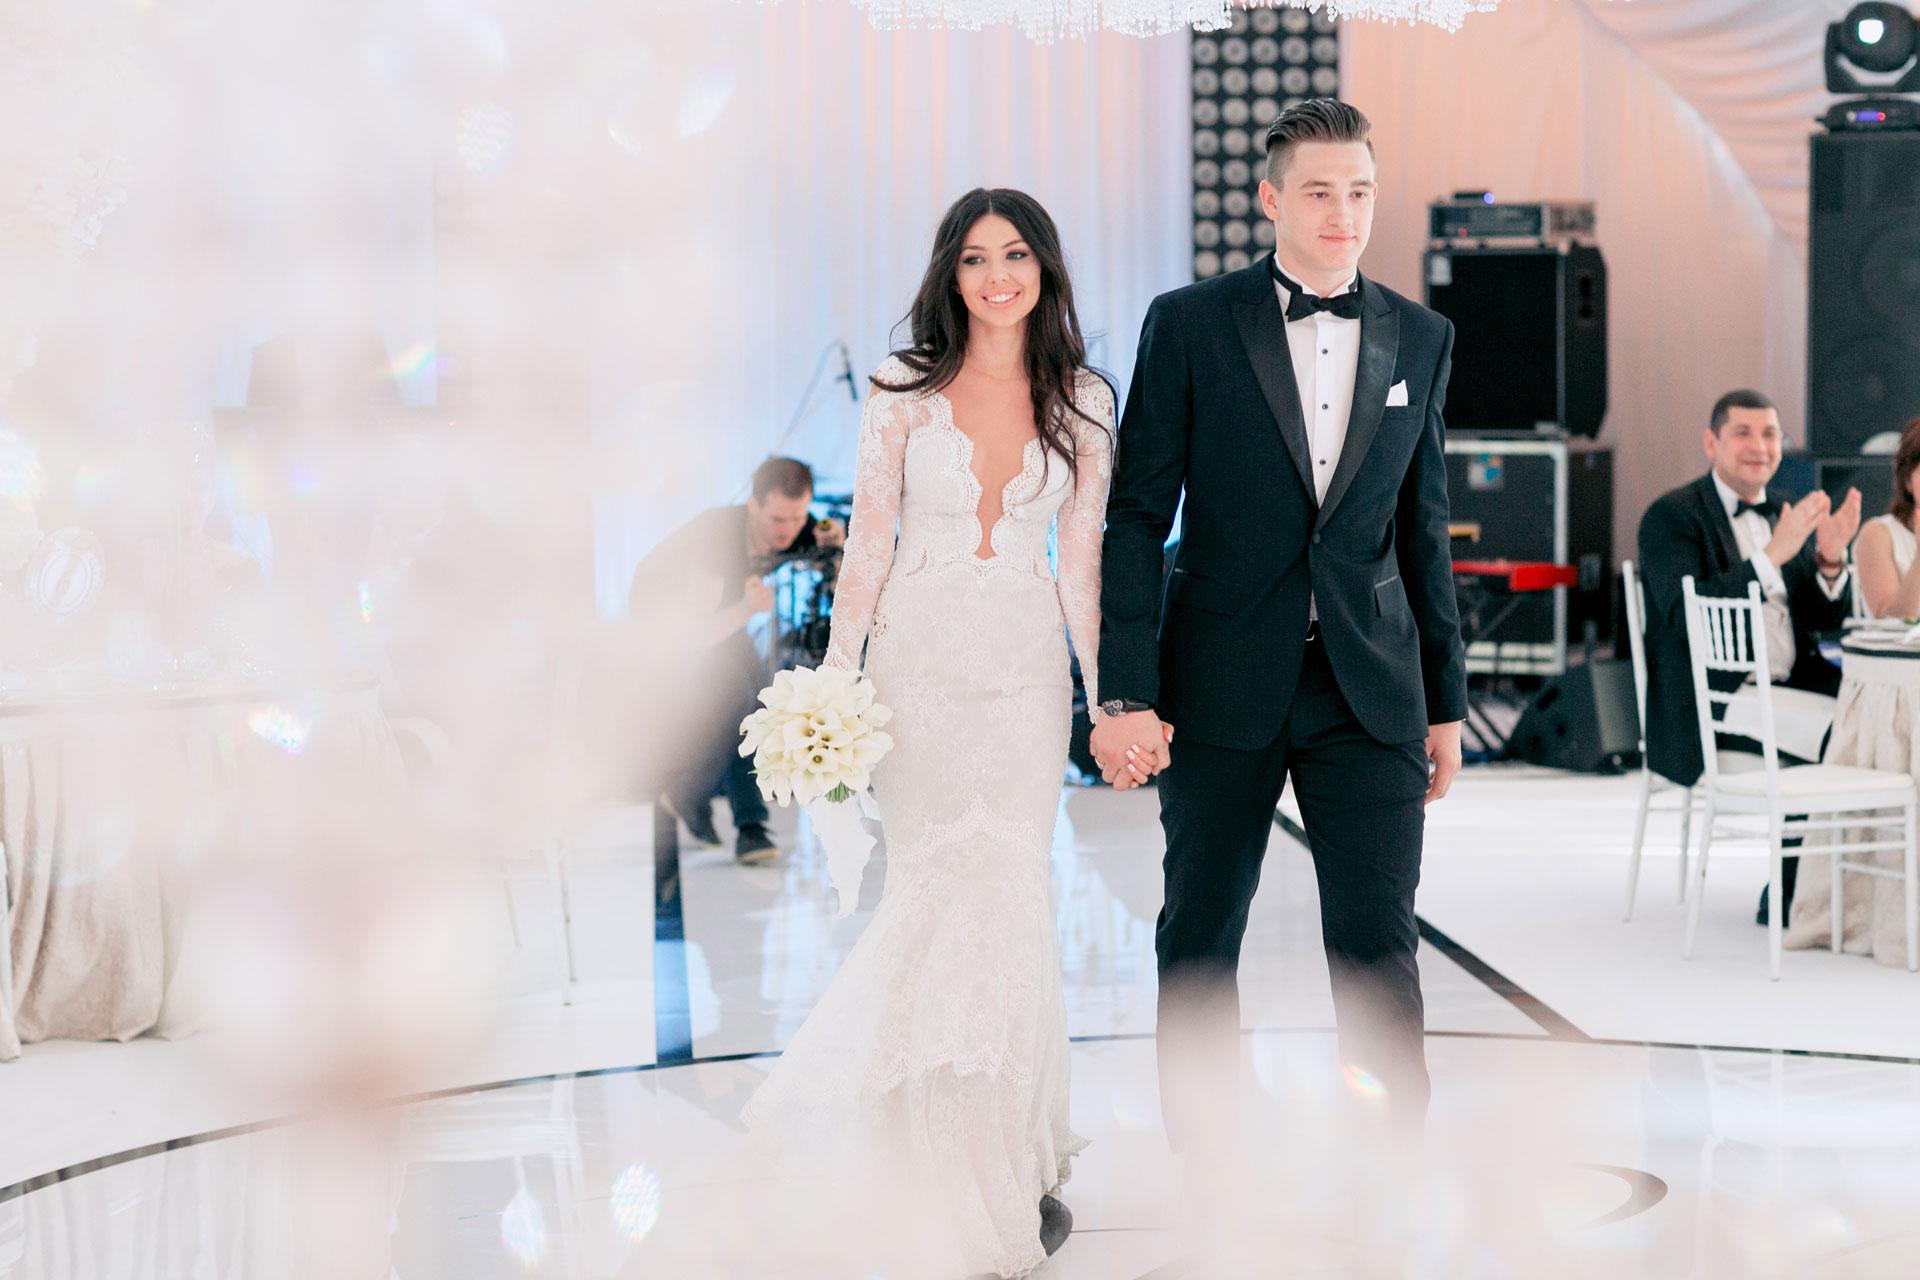 Хоккей и мода. Свадьба Никиты и Александры фото 31